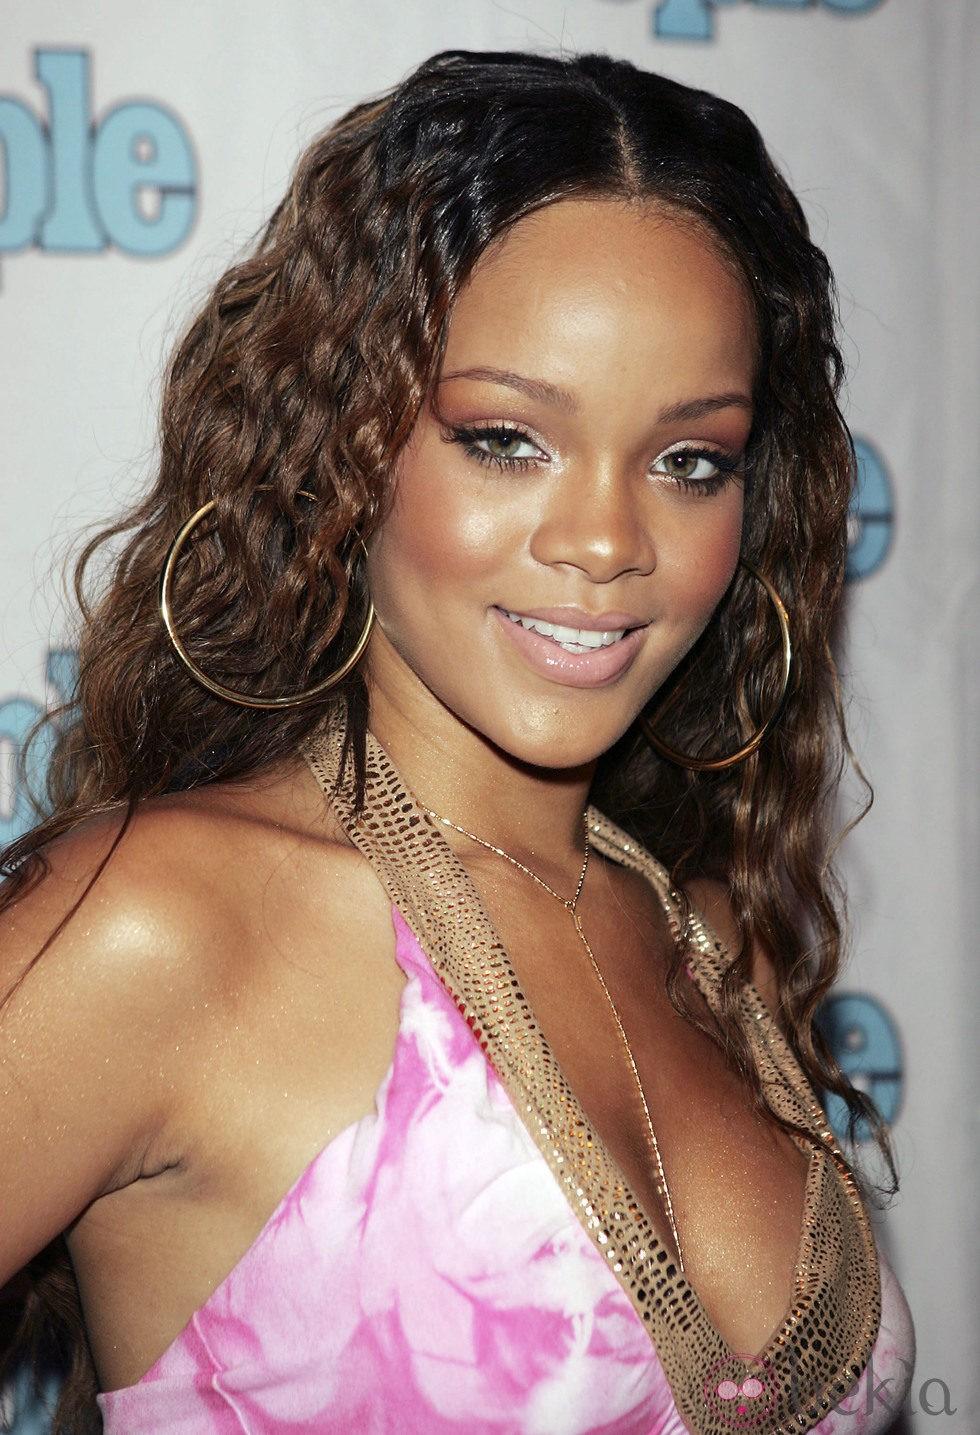 Peinado de Rihanna con larga melena rizada en color castaño